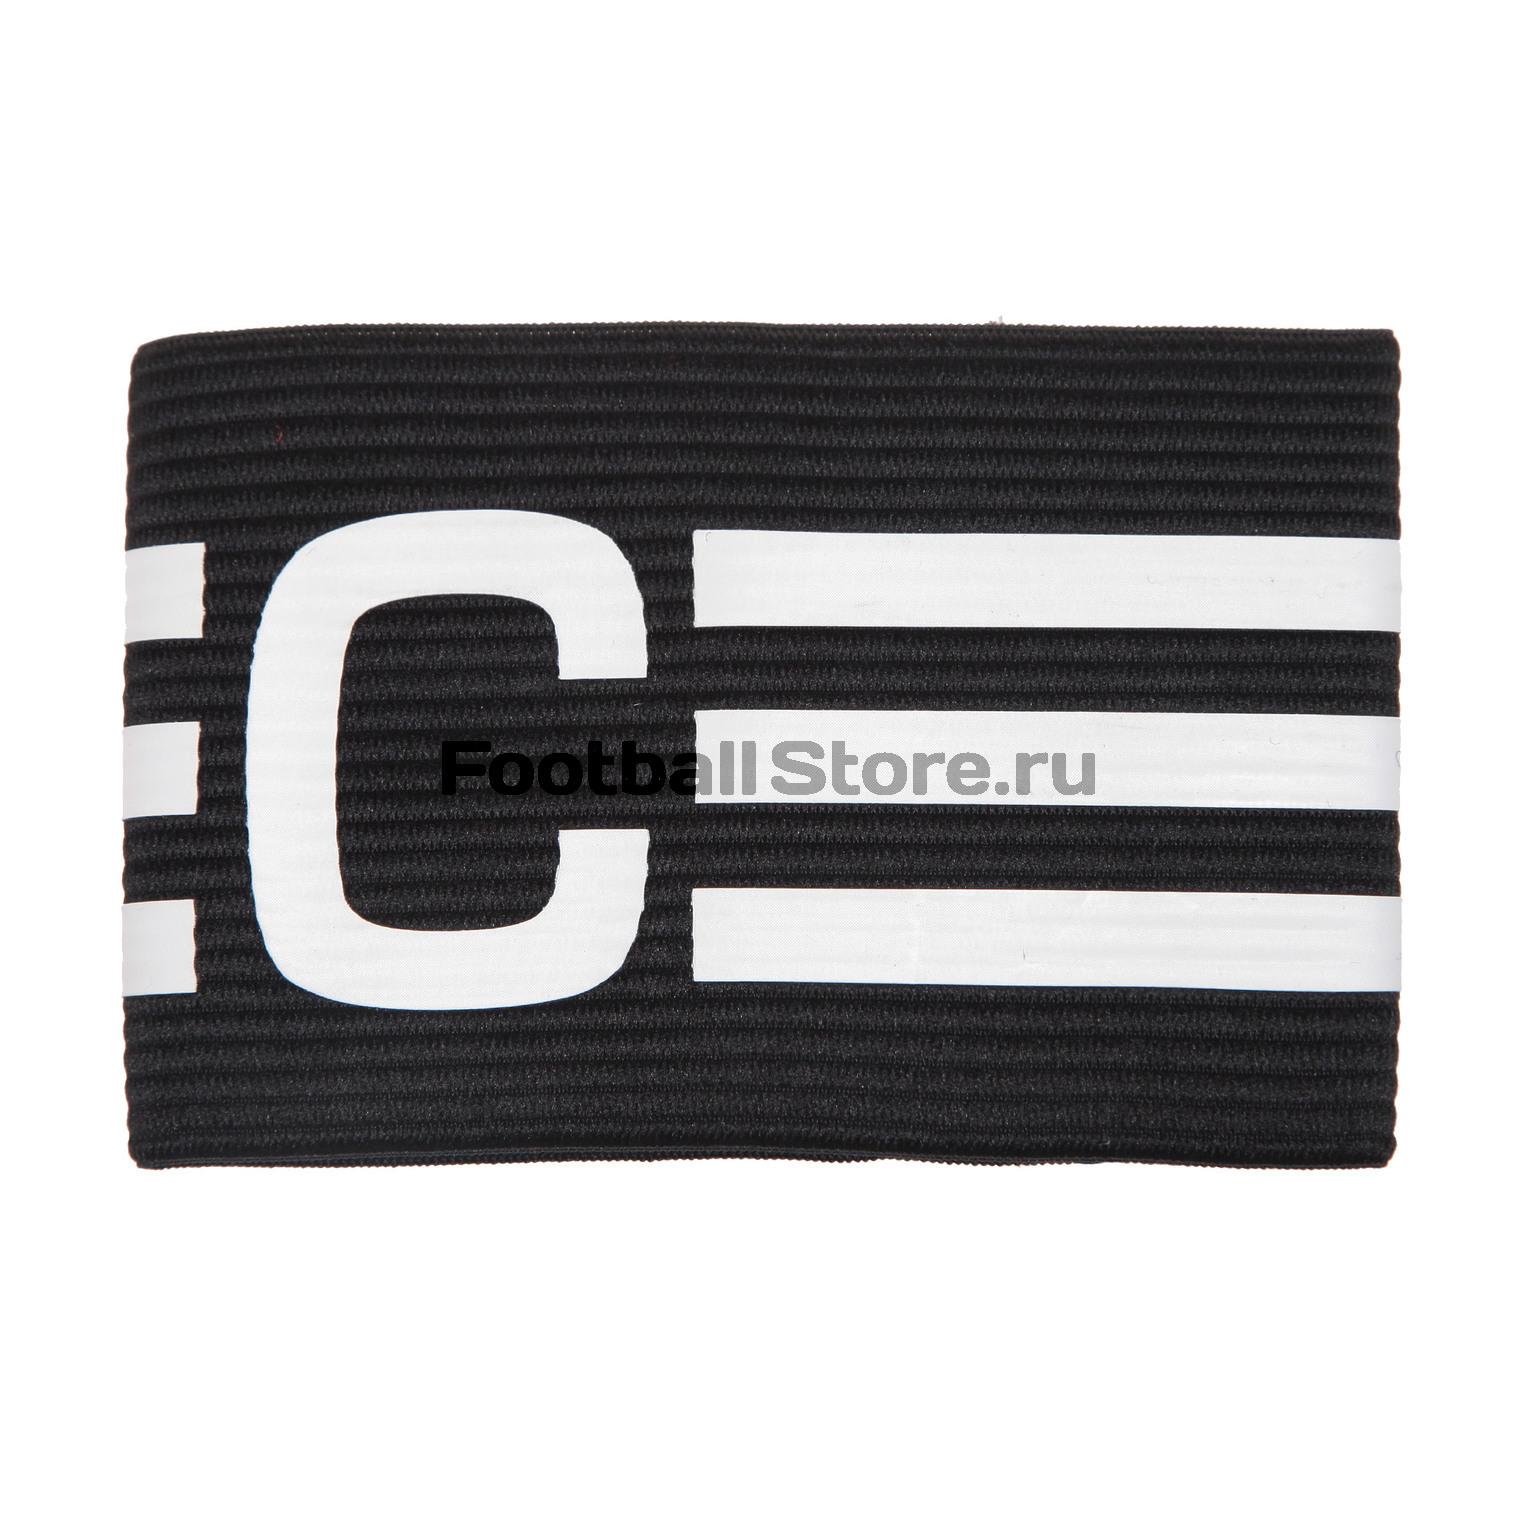 Капитанская повязка Adidas FB Capt Armband CF1051